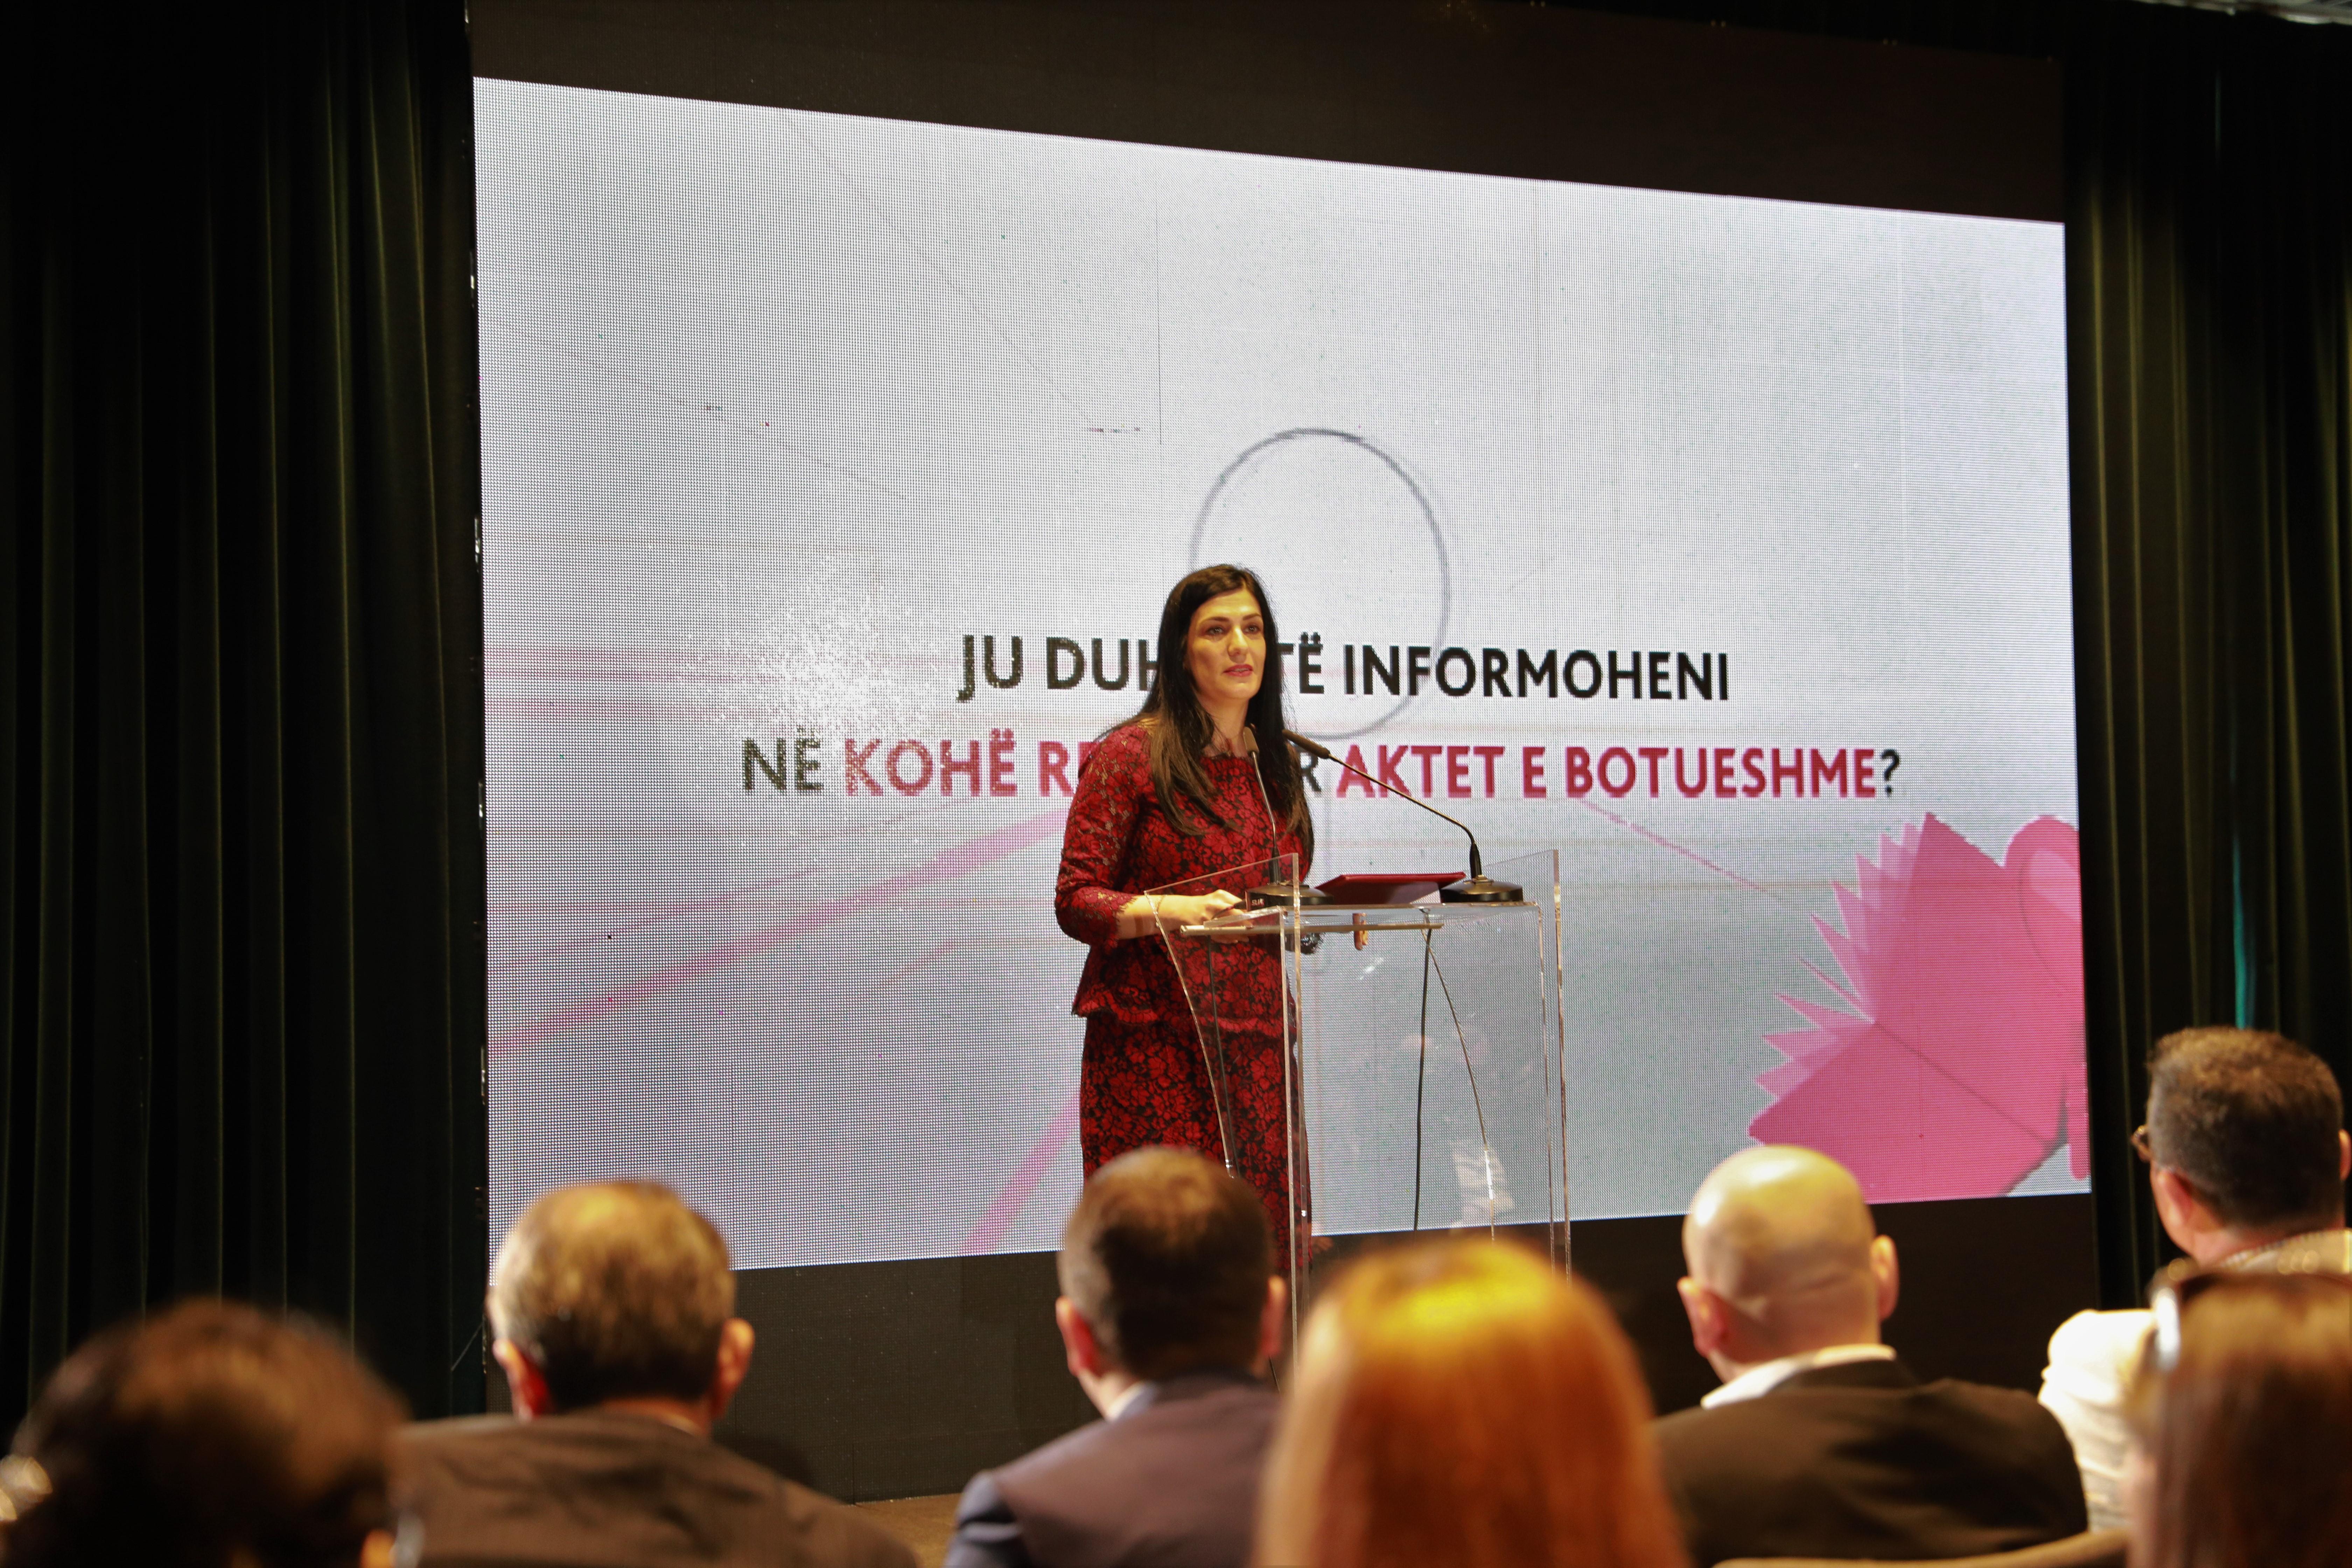 Promovohet platforma e QBZ-së, Karçanaj: Inovative dhe moderne